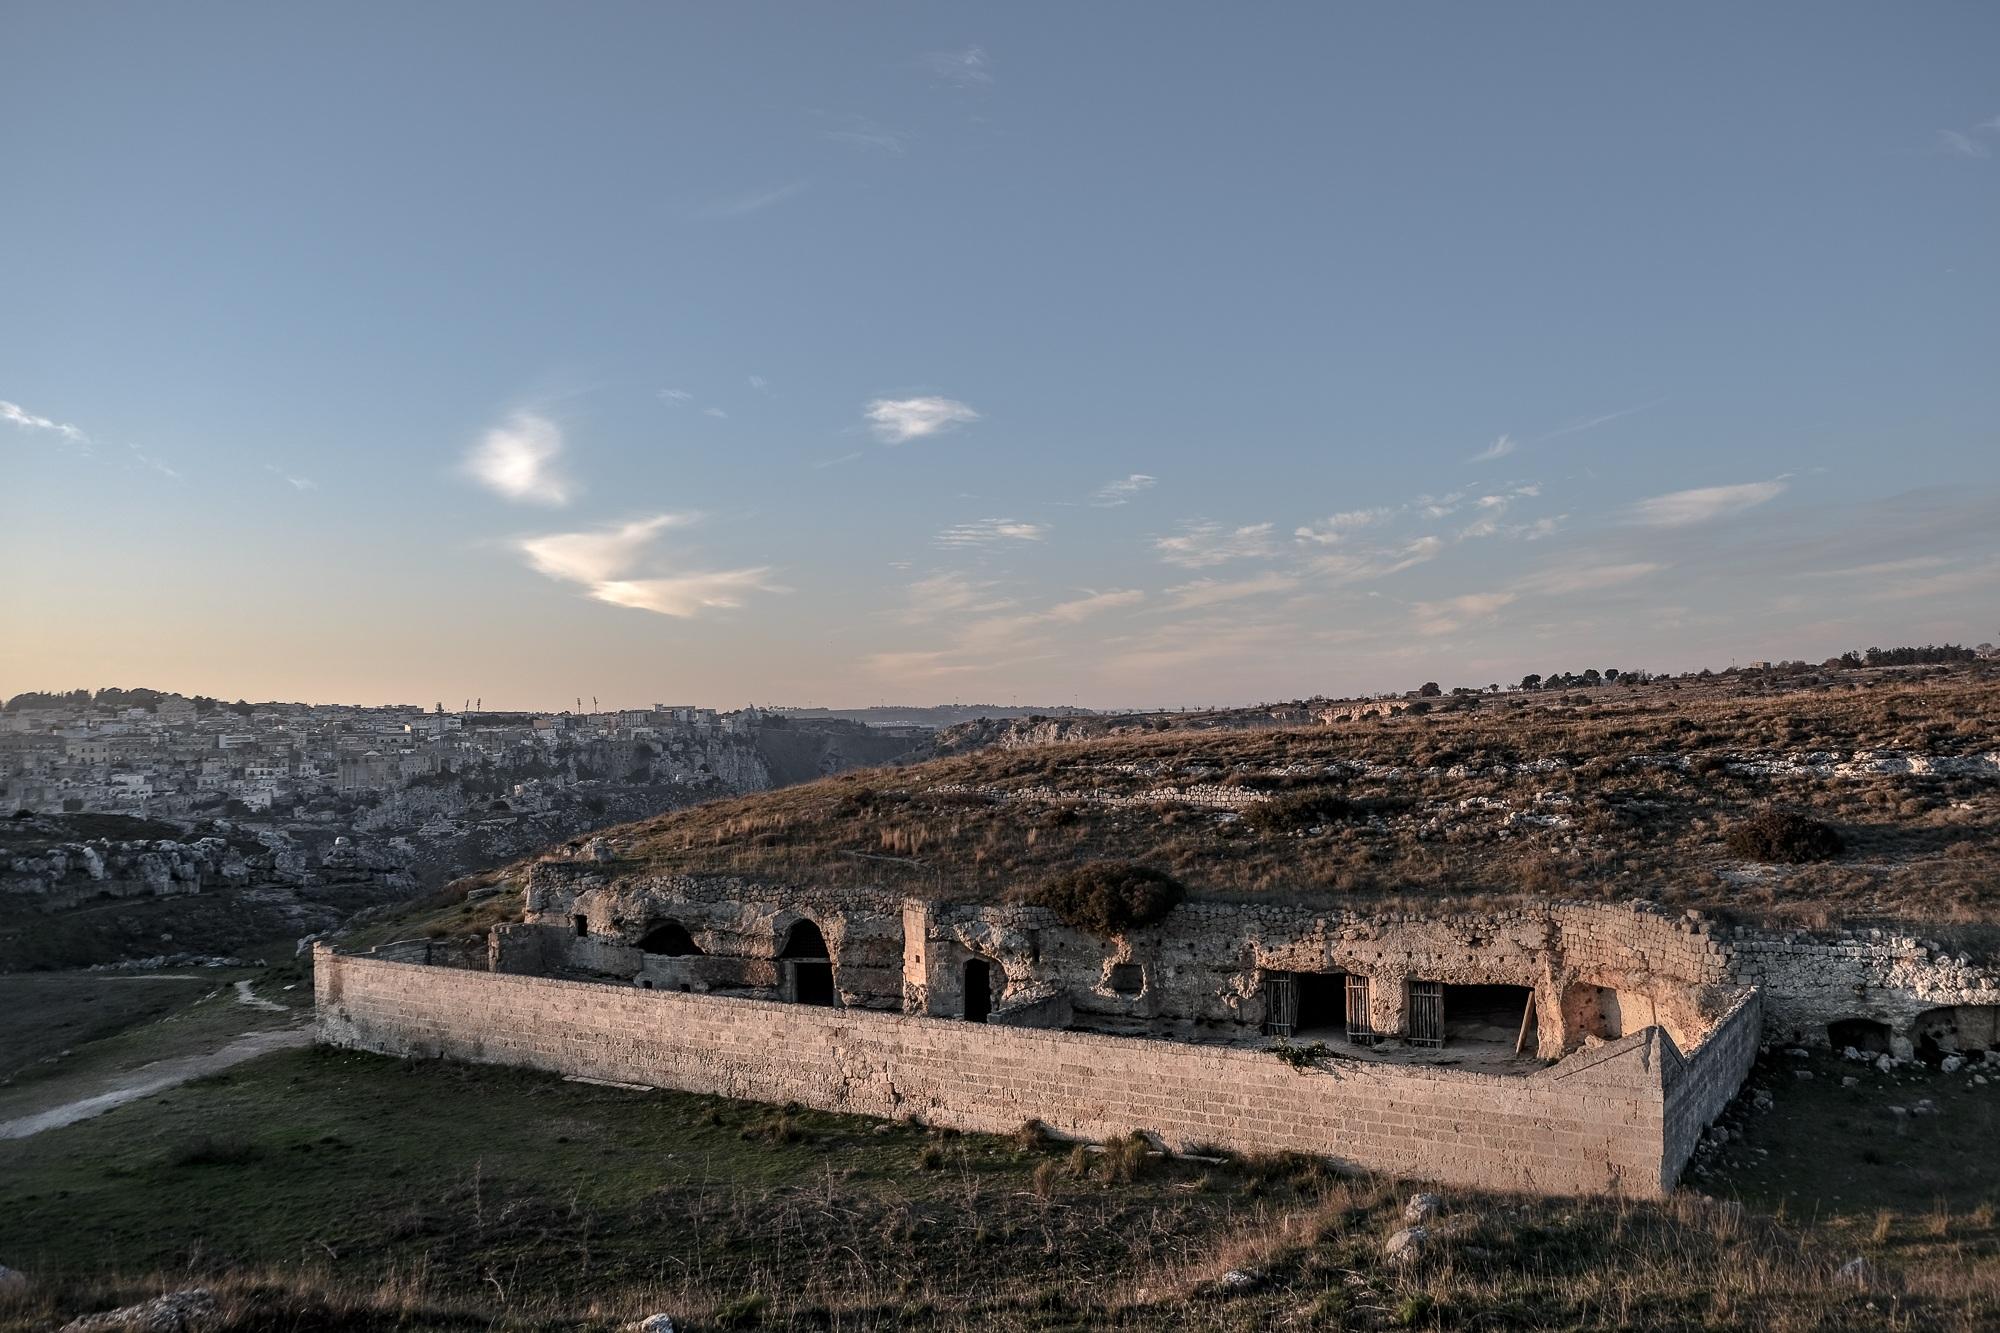 Rupestrian site of San Falcione, Matera